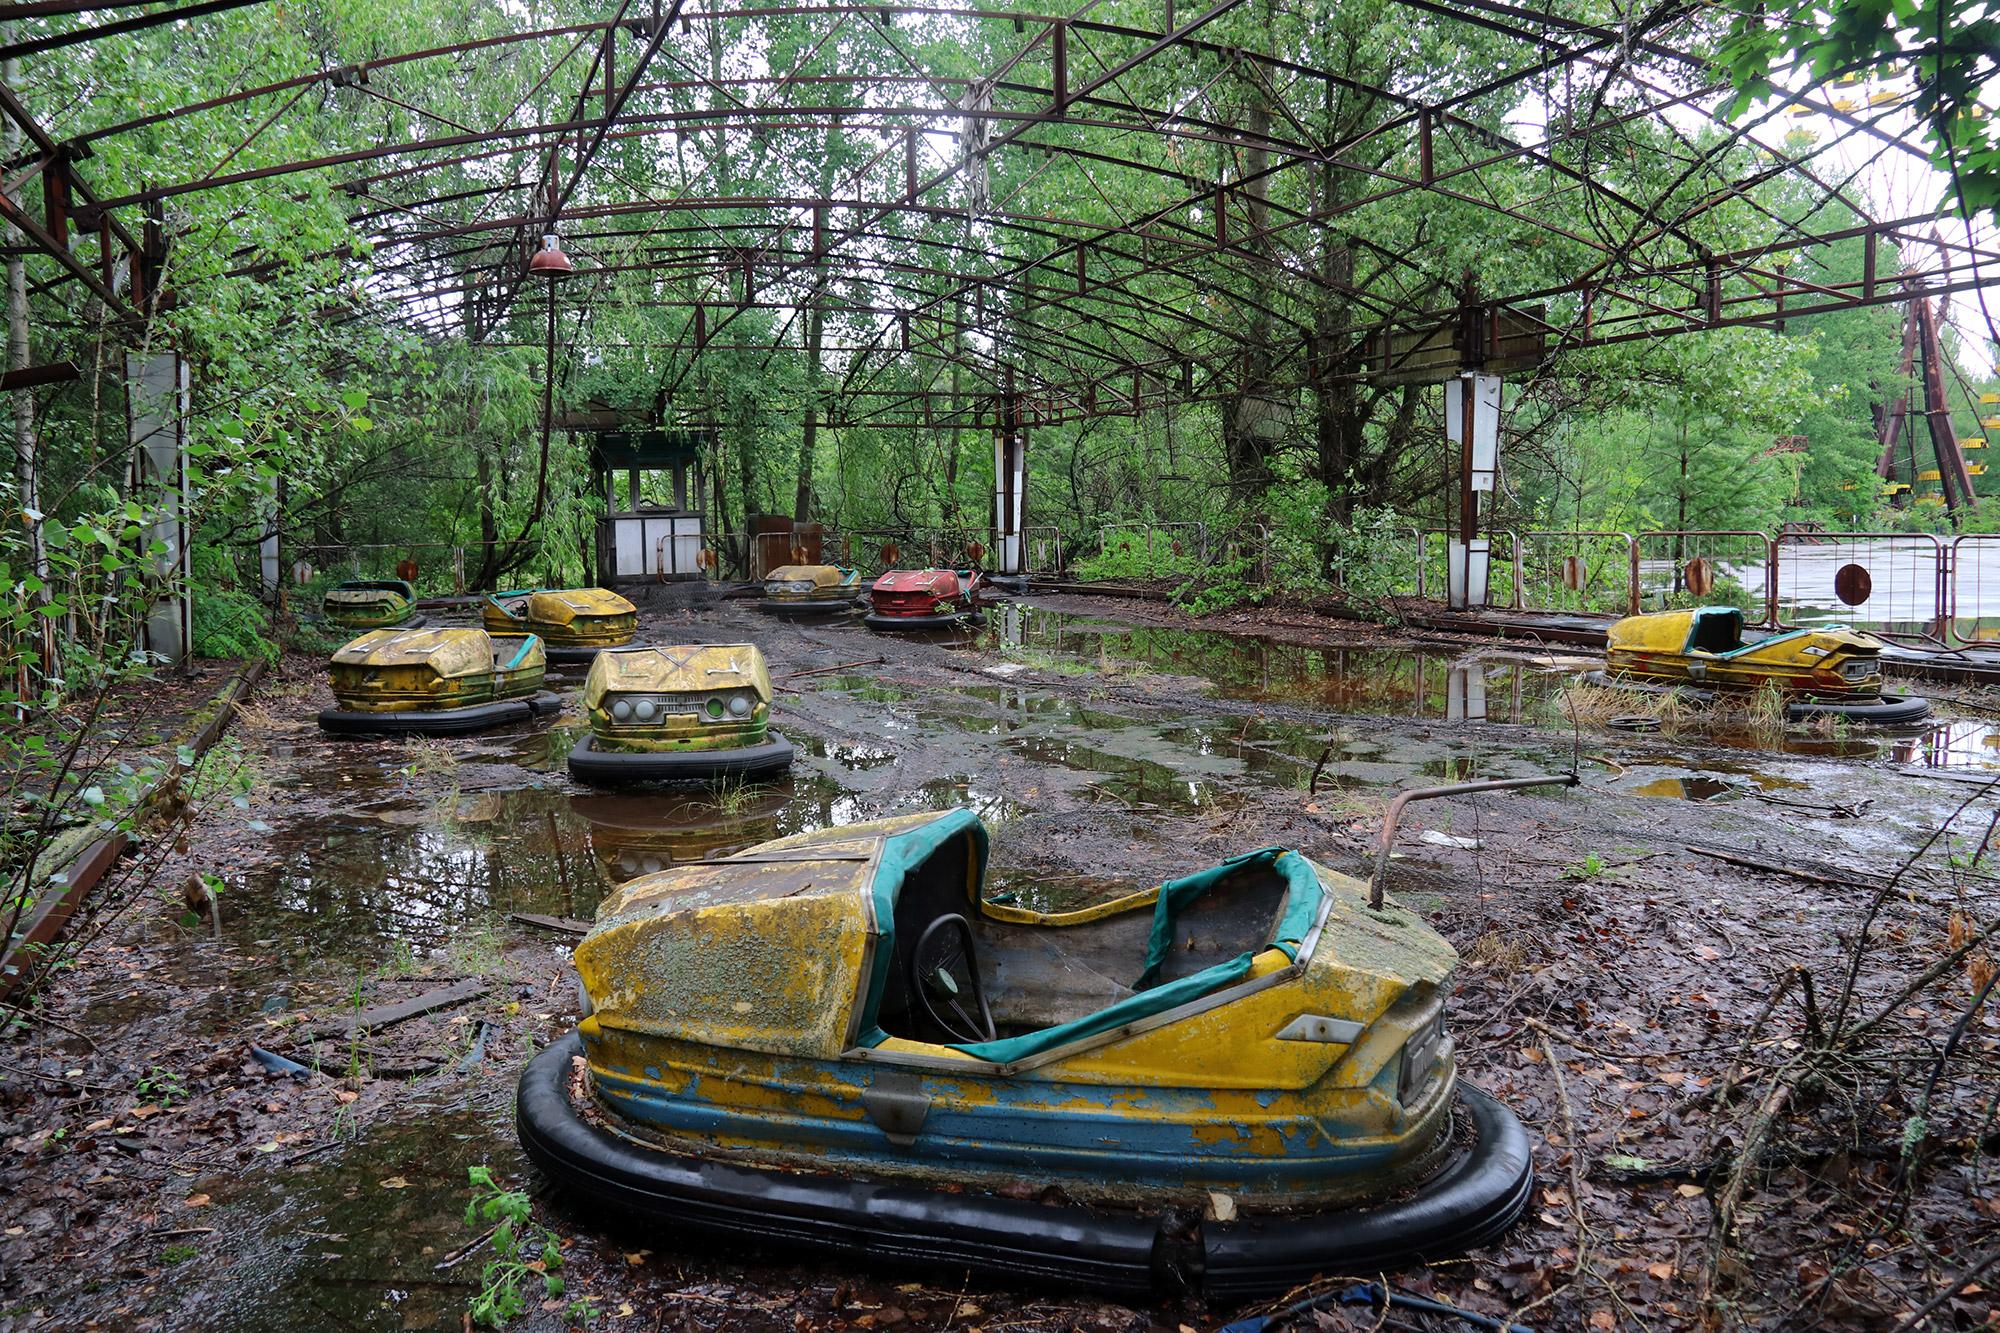 Mooiste reisfoto's 2018 - Tsjernobyl